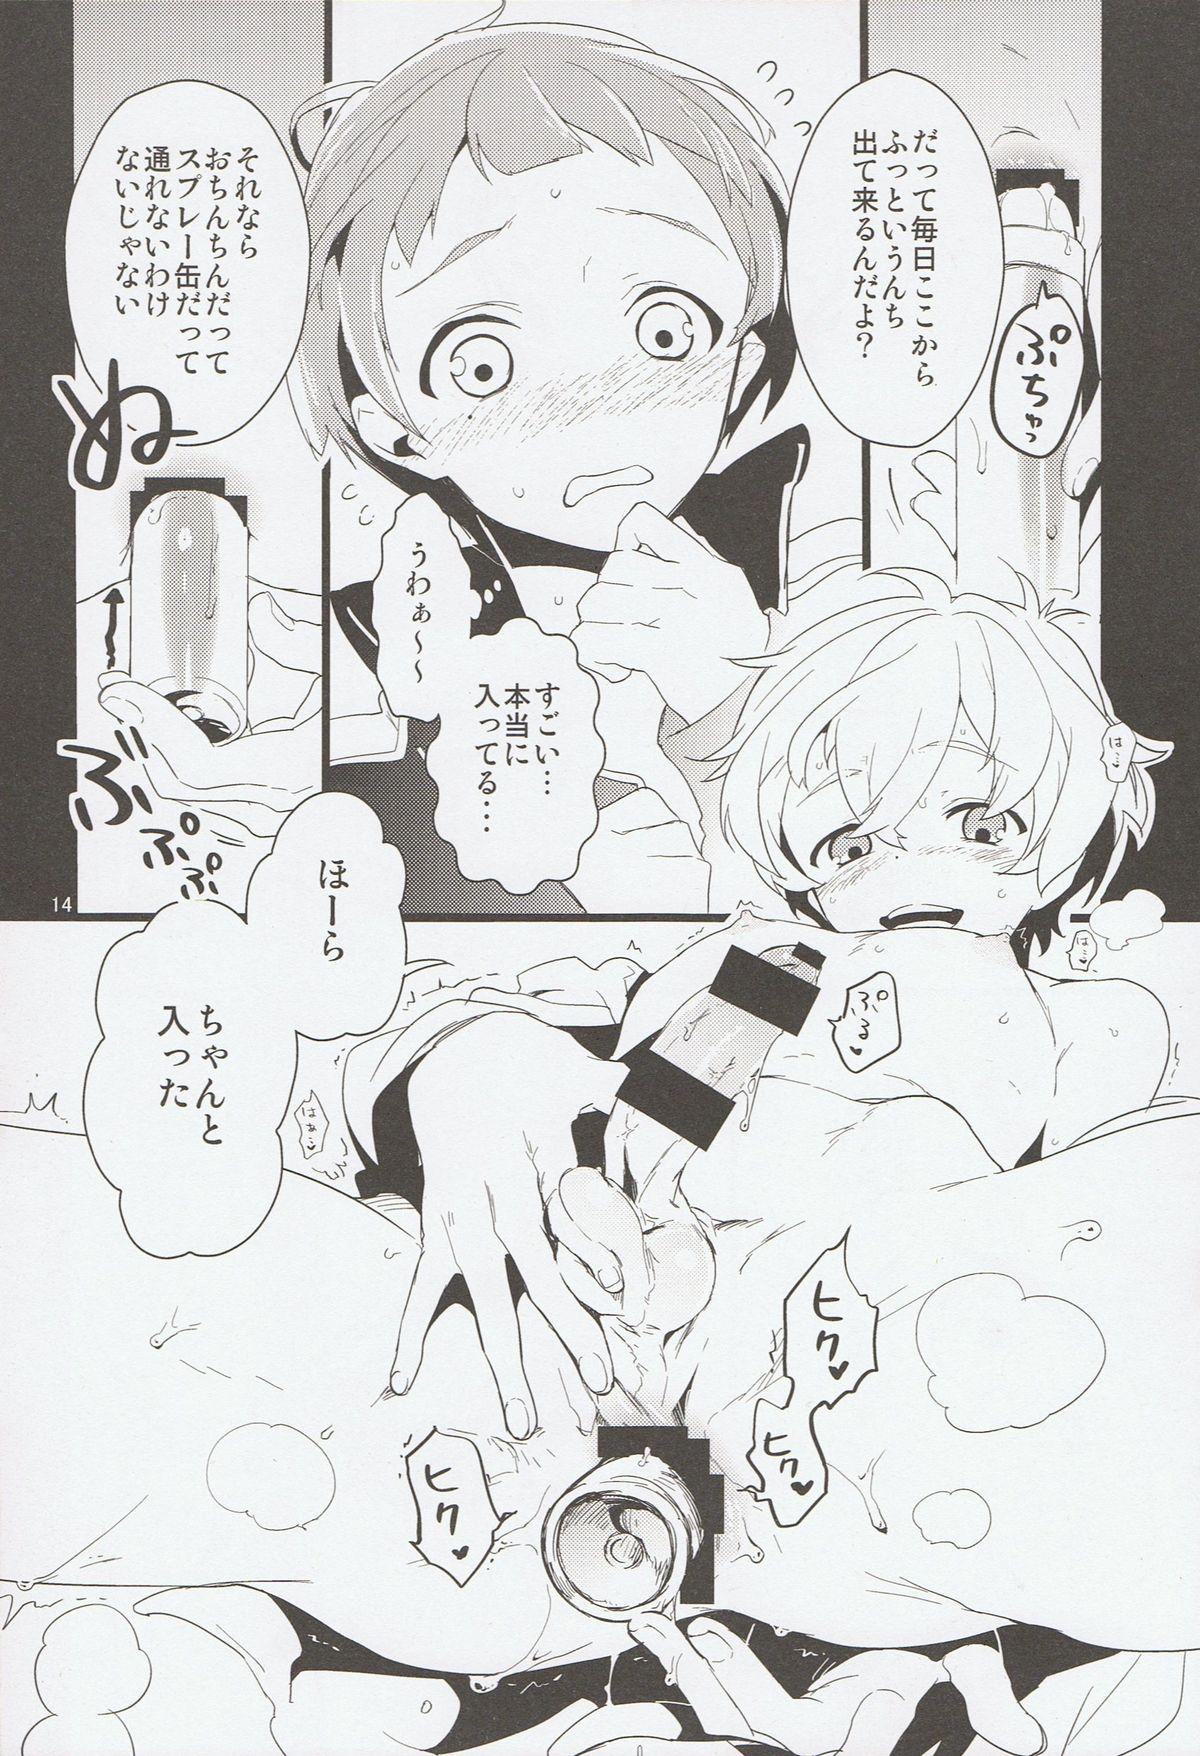 (C86) [MERYx3 (Numeri)] Nagisa-kun to Nitori-kun wo Muriyari Karamaseta Hon (Free!) 12